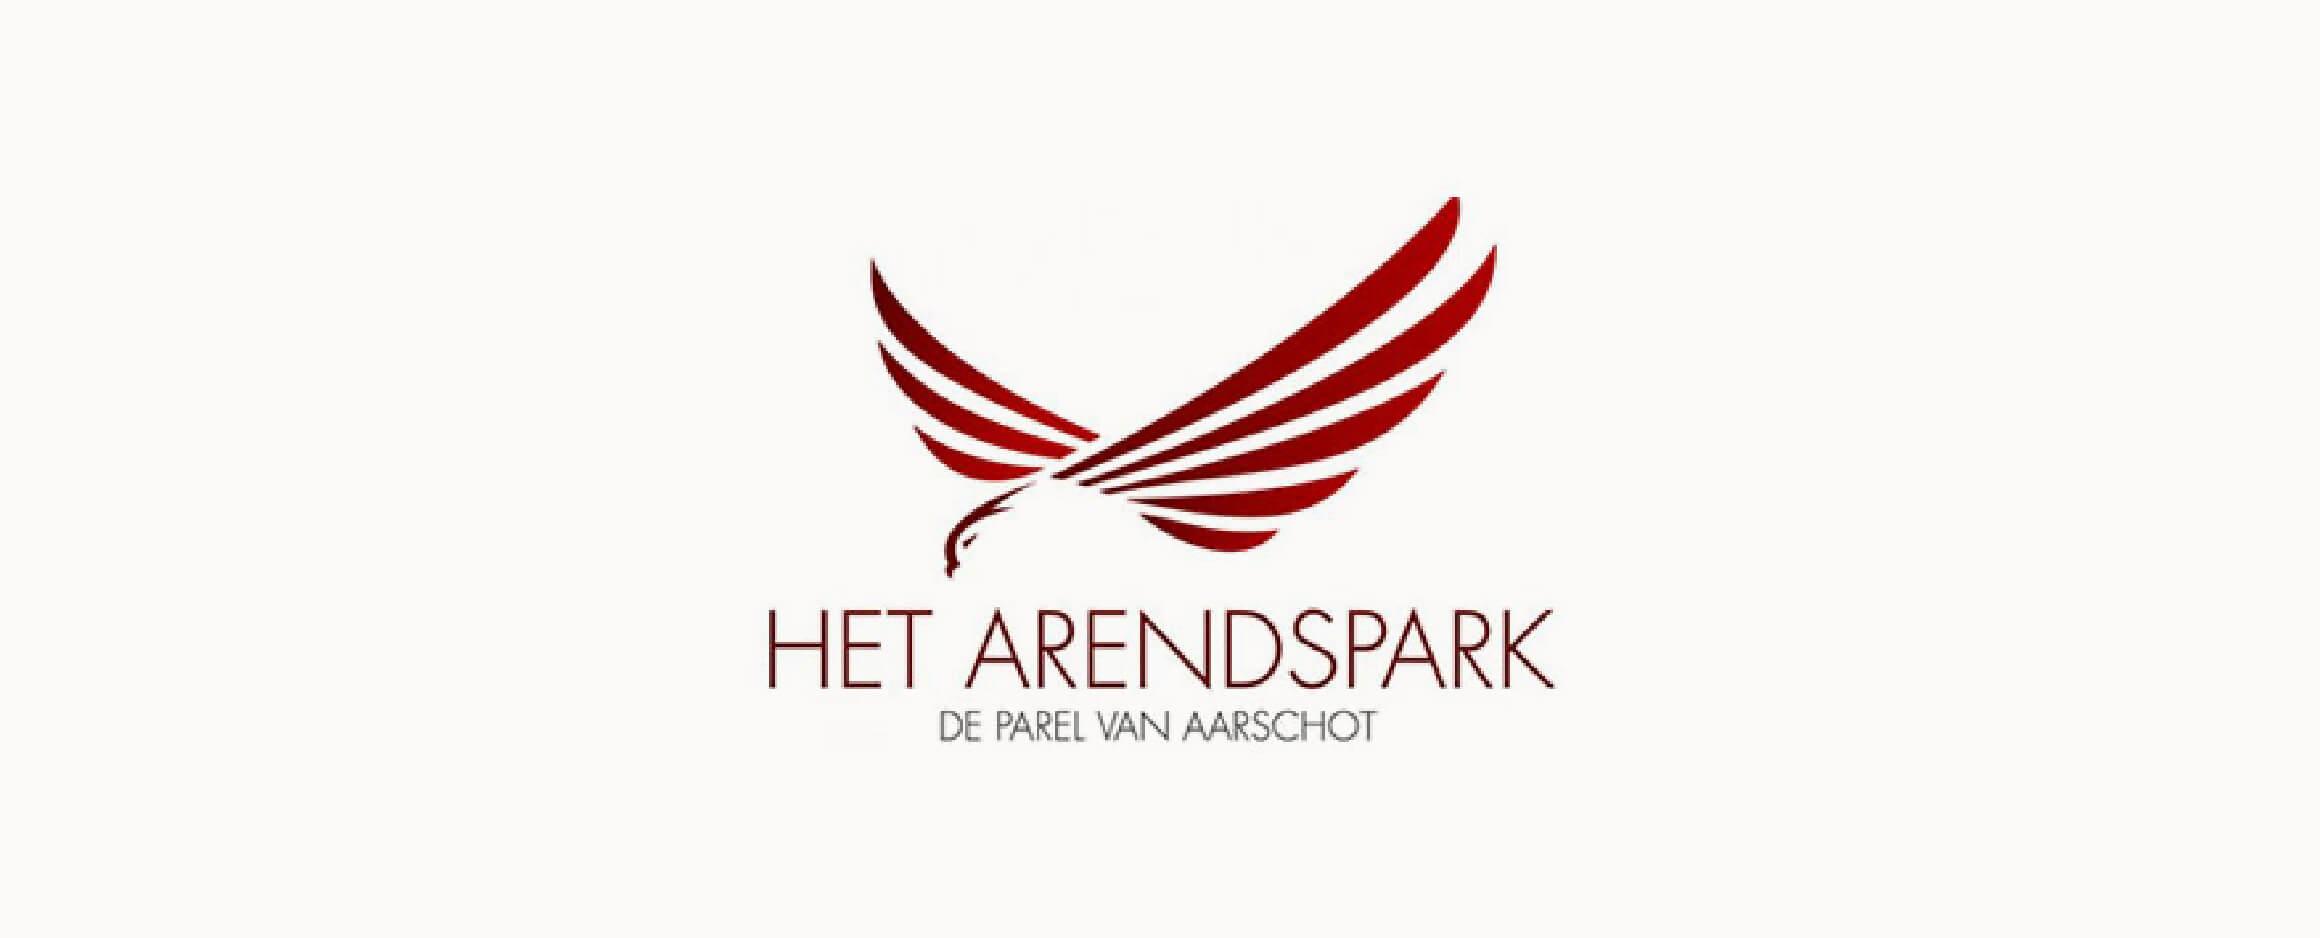 Header image: Arendspark